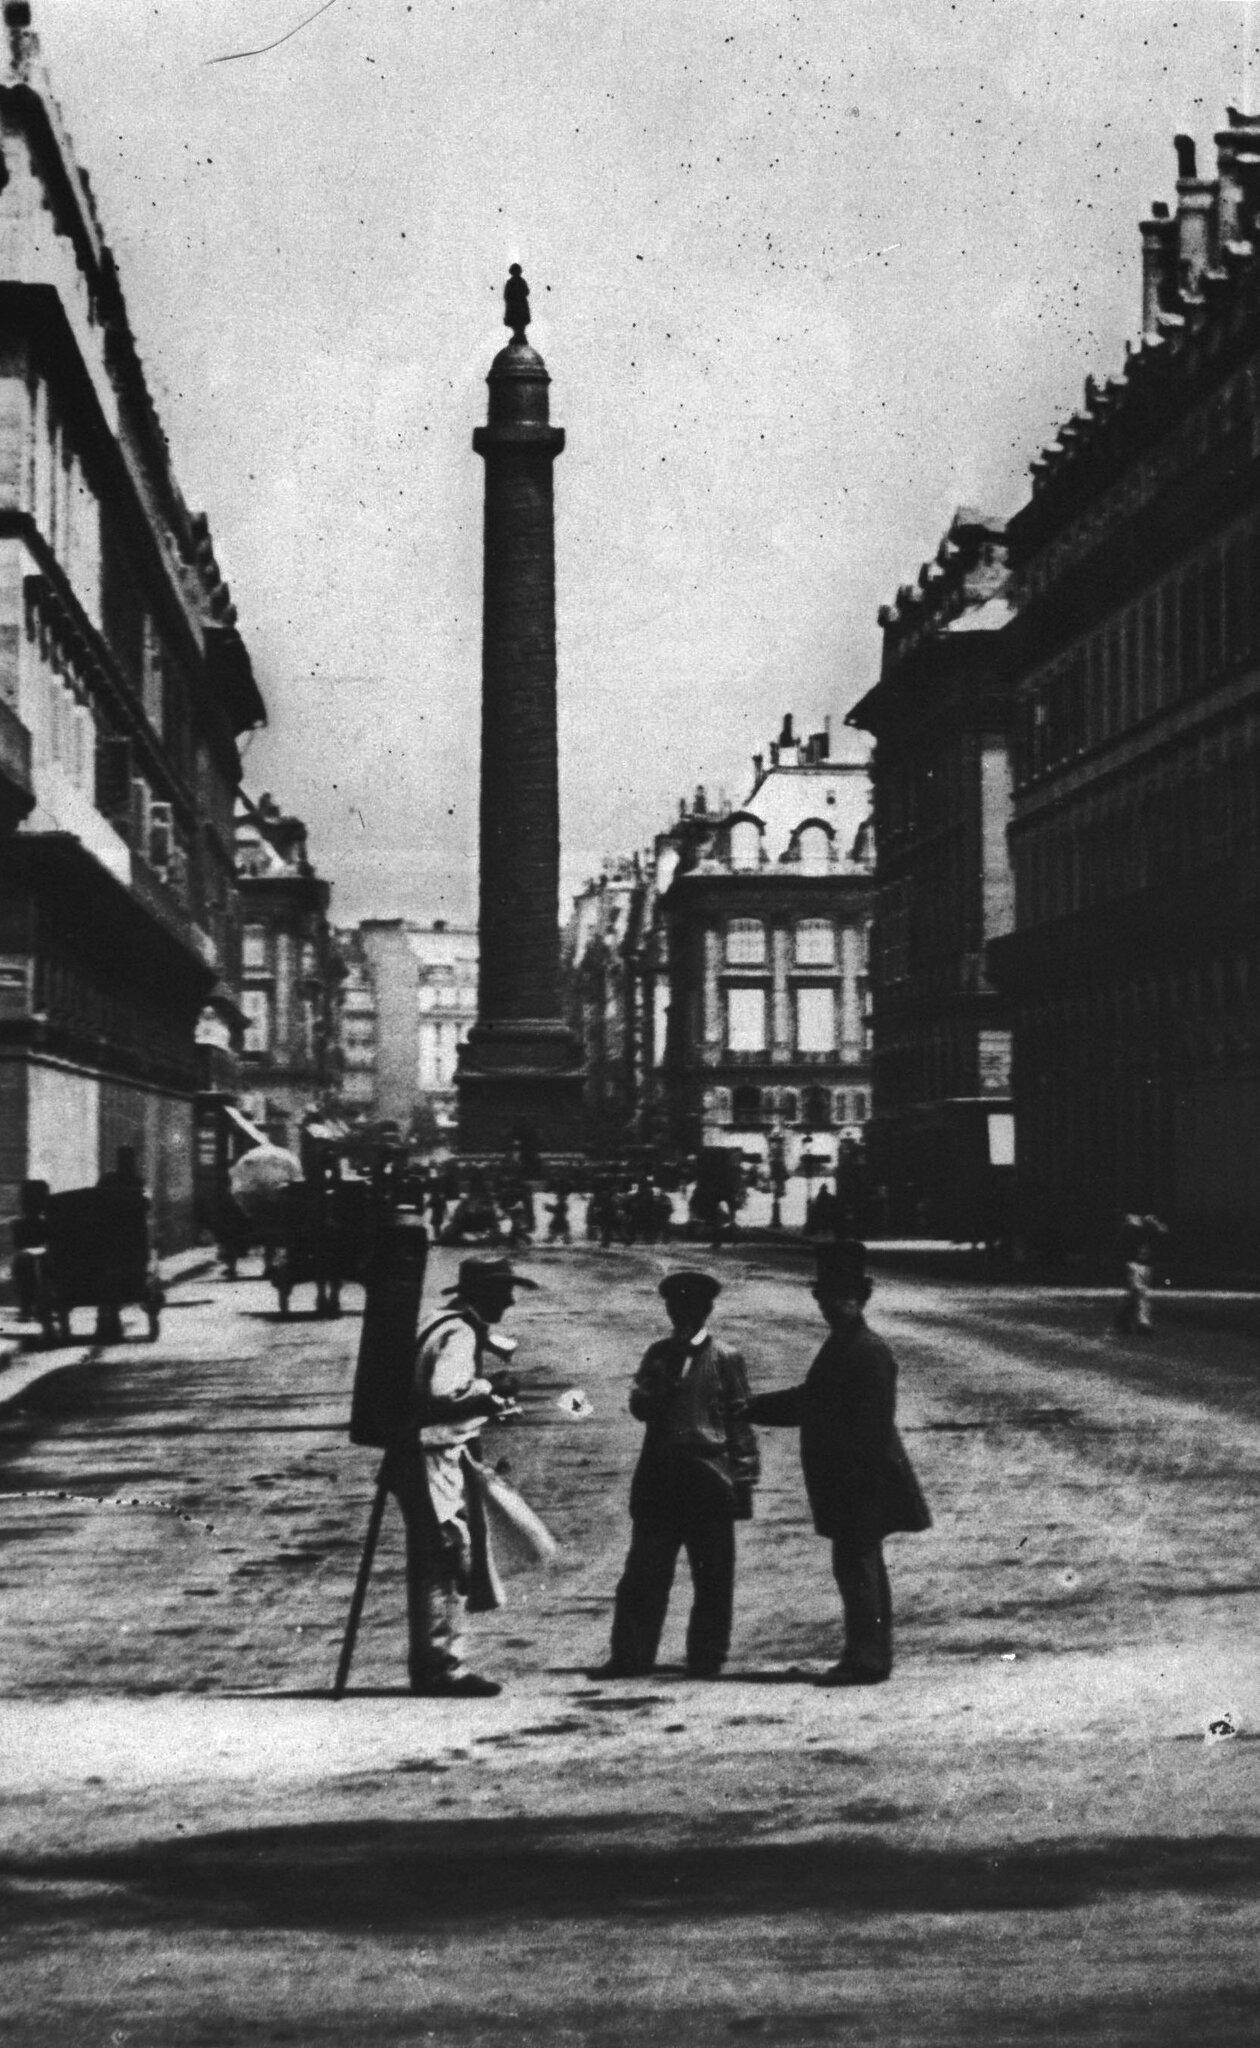 1852-1870 Un vendeur de coco, rue de Castiglione, la colonne Vendôme est surmonté de Napoléon Ier en Redingote